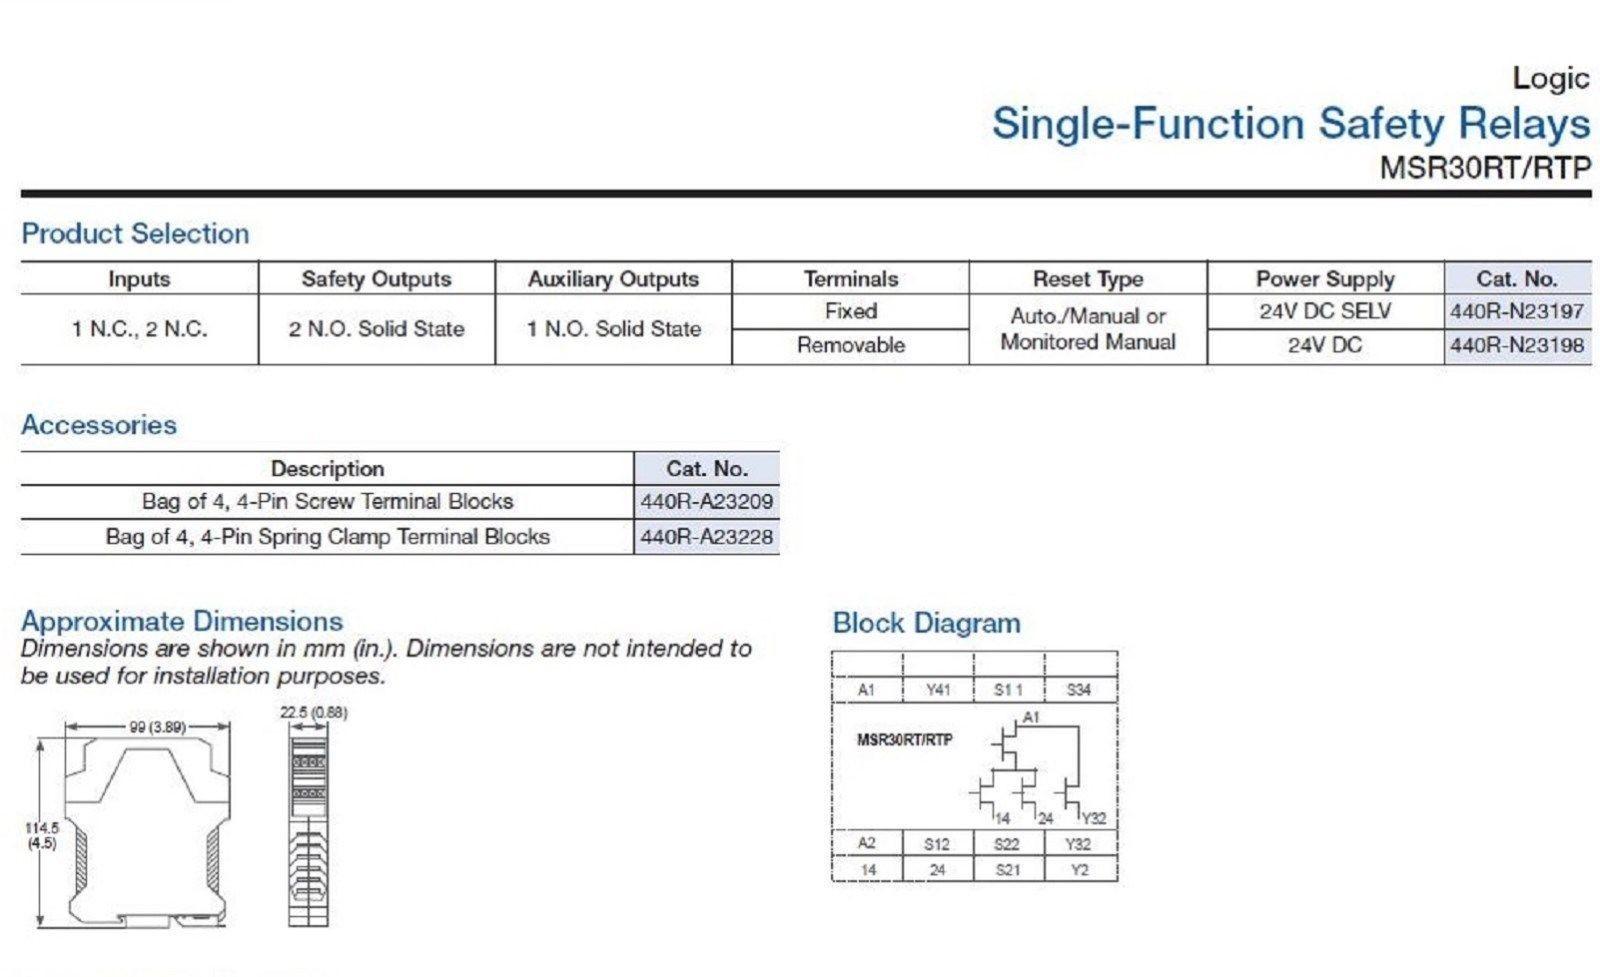 allen bradley safety wiring diagrams 2001 dodge durango diagram relay unique image fancy ab